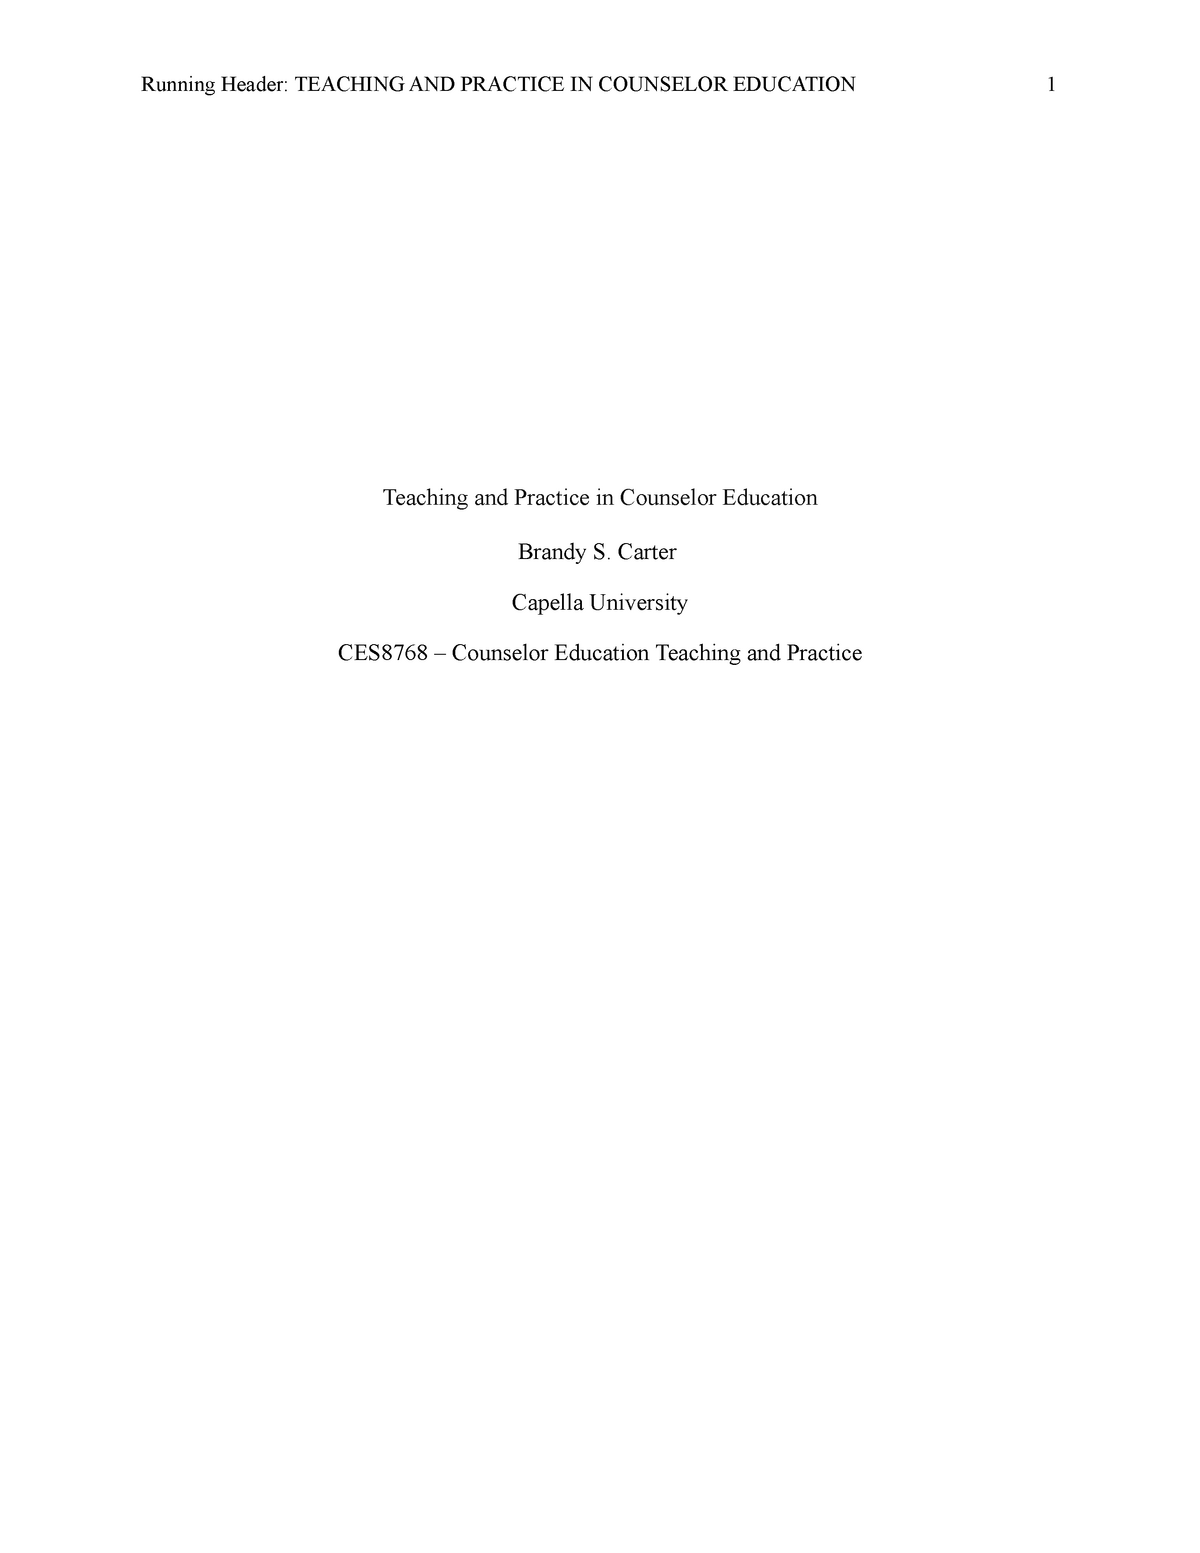 CES8768 Unit 9 - Case Study - CES8768: Counselor Education